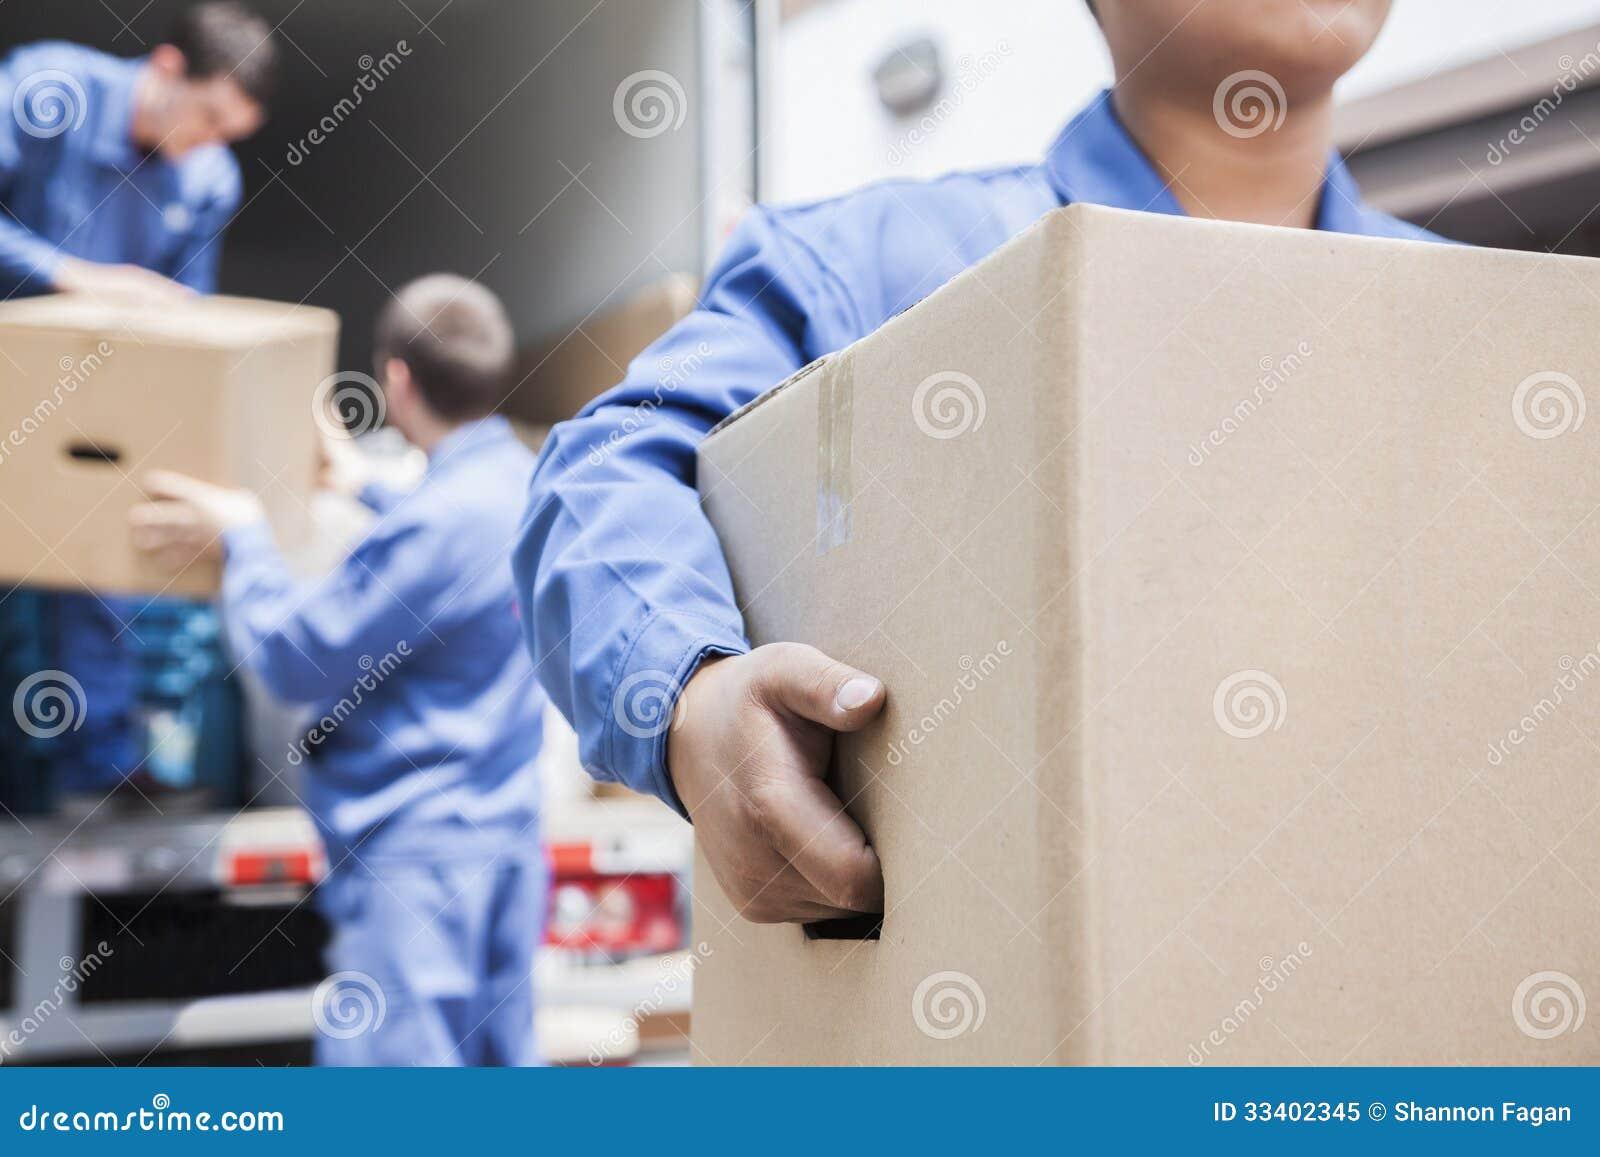 Urheber, die einen beweglichen Packwagen entladen